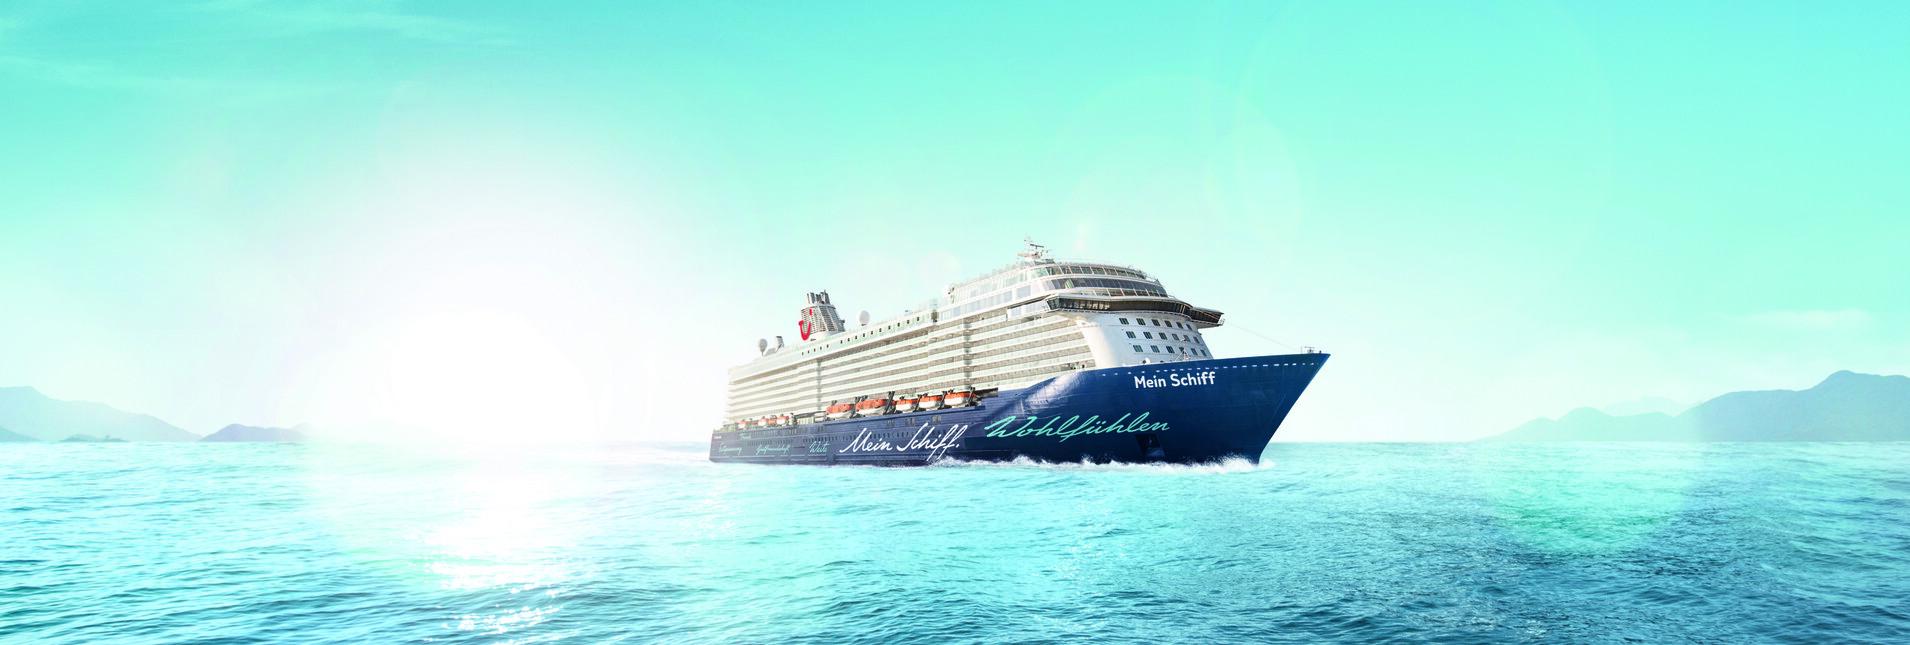 Mein Schiff 3 - Kanaren mit Madeira II